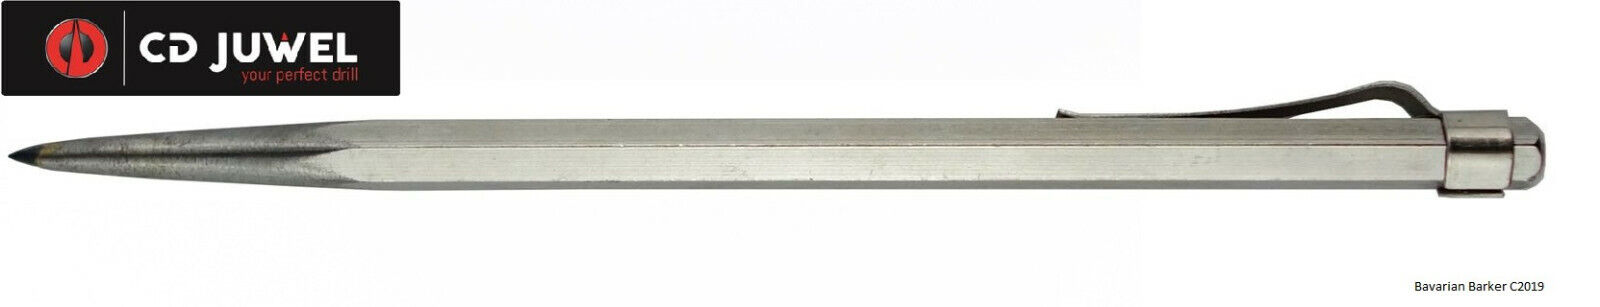 CD Juwel HM Anreissnadel 140 mm Reissnadel Anreißer Markierwerkzeug